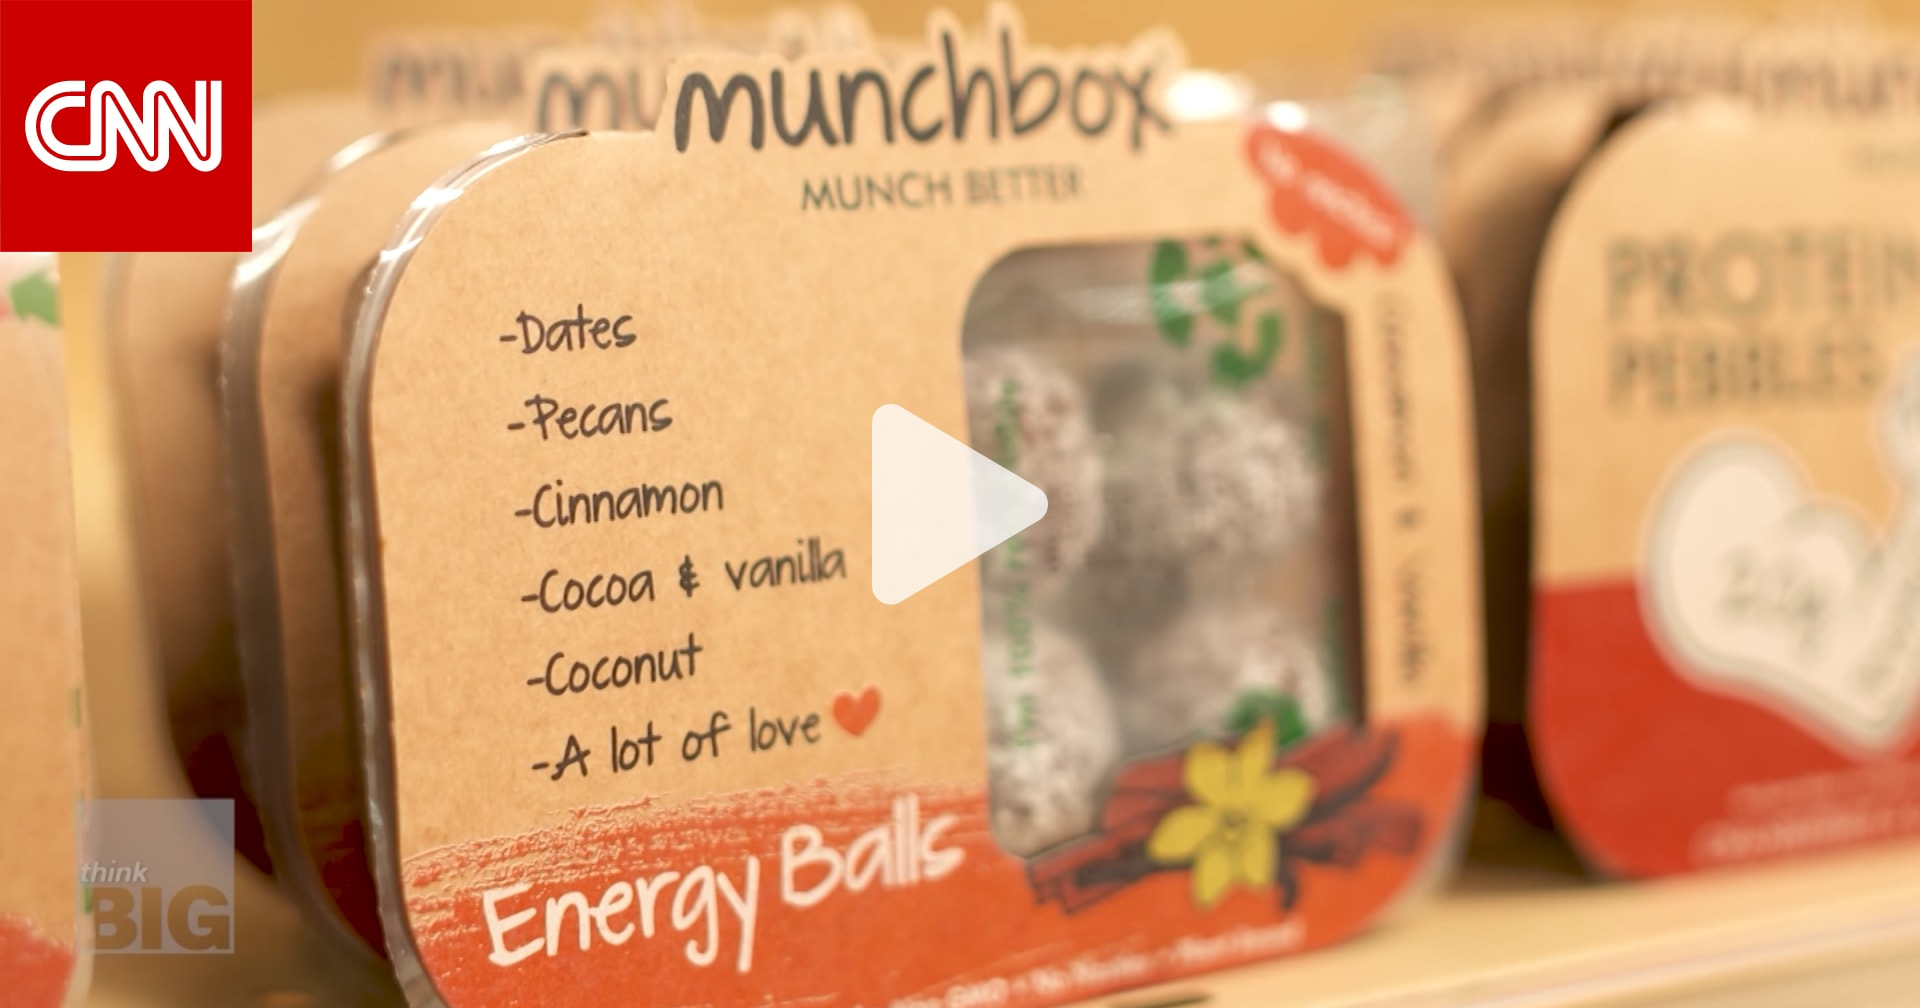 شركة في دبي تقدم وجبات خفيفة لطعام صحي بدون مكونات سيئة